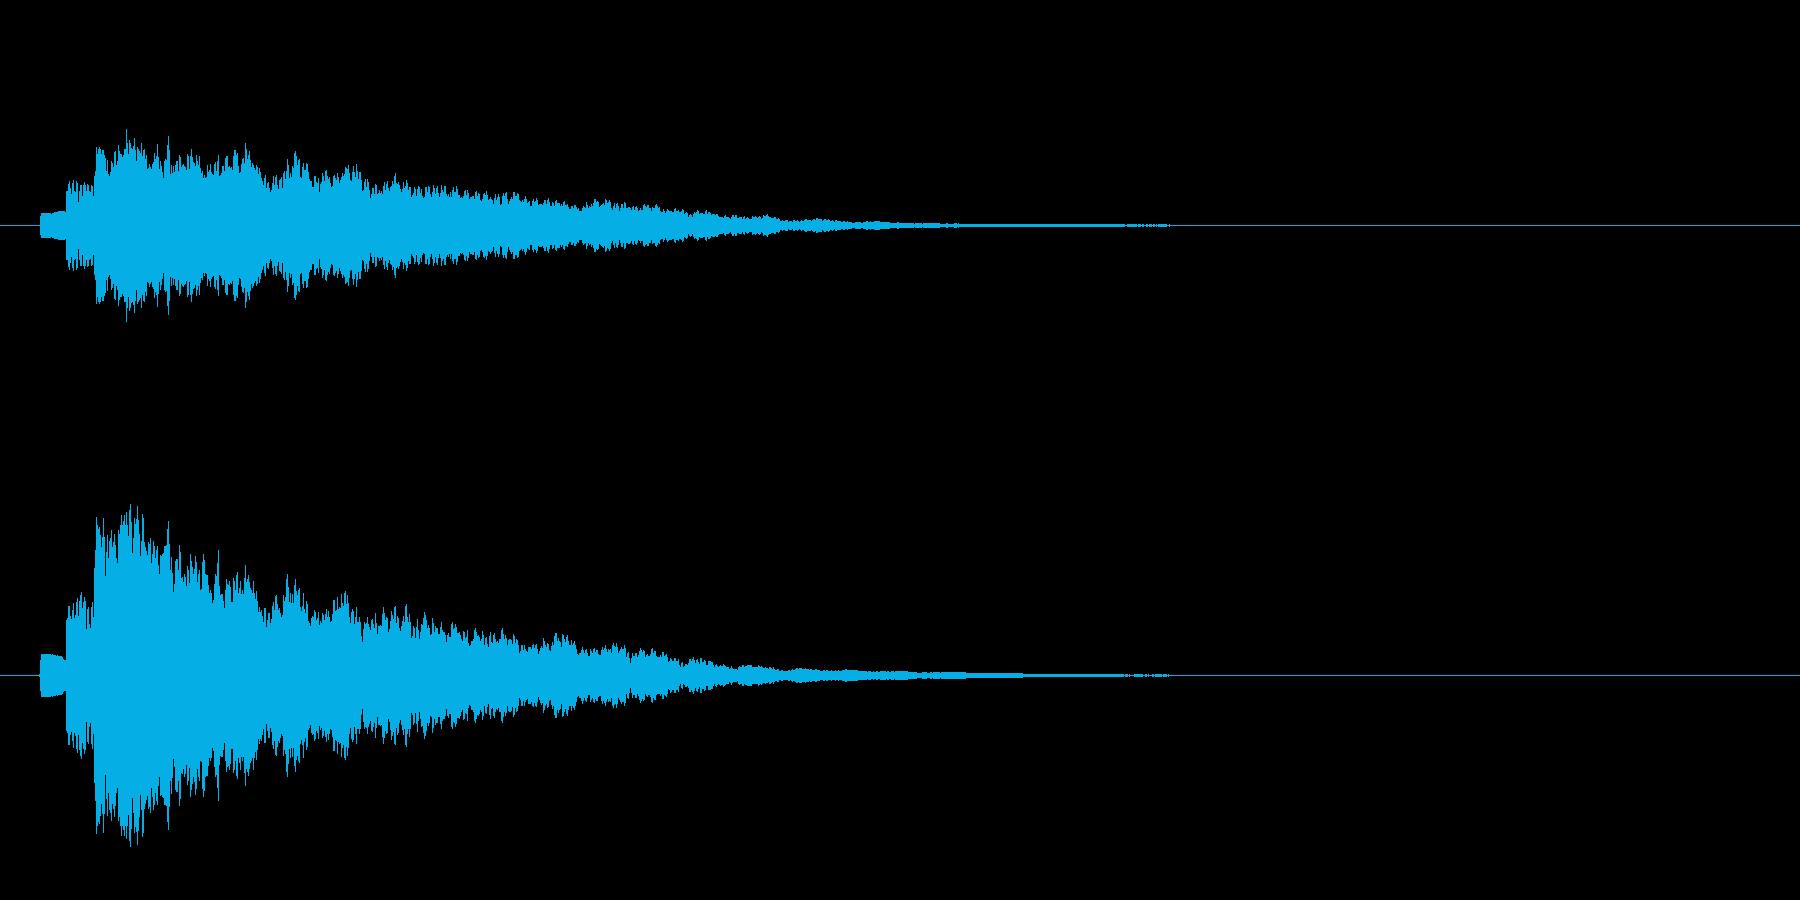 キラン(アルべジオ)2の再生済みの波形